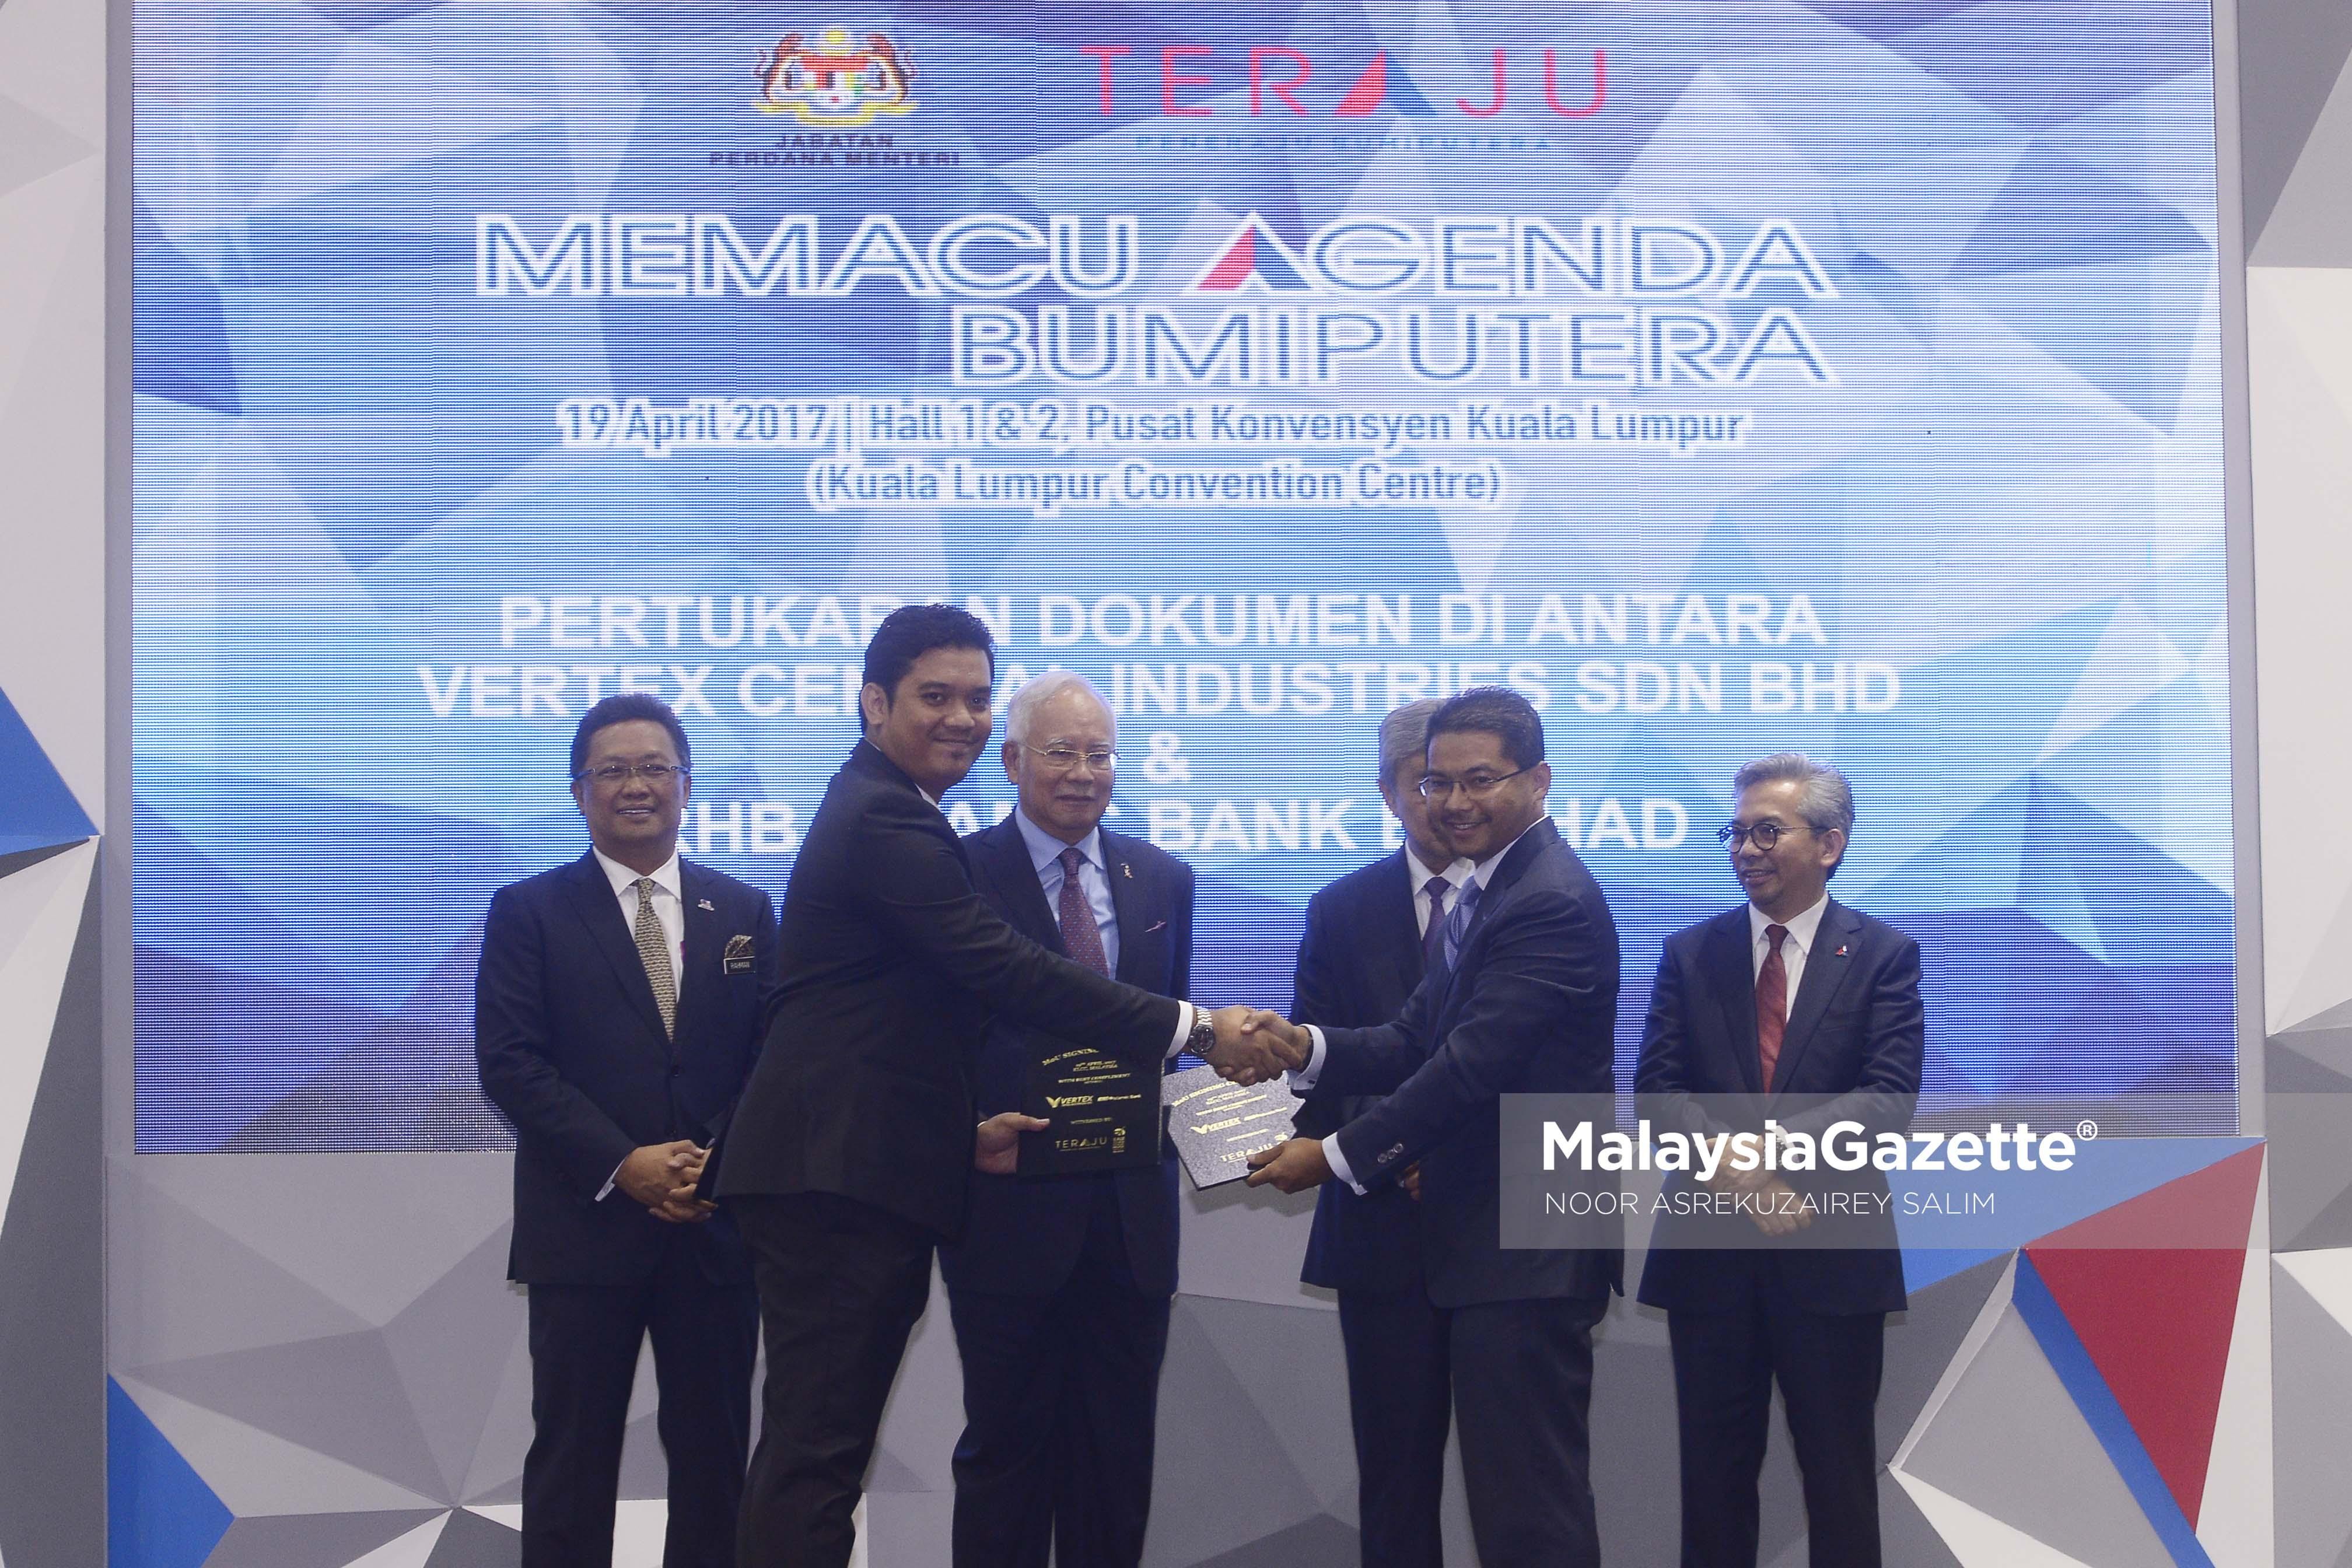 Perdana Menteri, Datuk Seri Najib Tun Razak menyaksikan Ketua Pengarah Kumpulan Vertex Central Industries Sdn Bhd, Mohd Ali Amin Ab Latif (dua kiri) bertukar dokumen persefahaman MoU dengan RHB Islamic Bank Berhad, Datuk Adissadikin Ali (dua kanan) selepas Majlis Pelancaran Halatuju Transformasi Ekonomi Bumiputra 2.0 di Pusat Konvensyen Kuala Lumpur (KLCC), Kuala Lumpur. foto NOOR ASREKUZAIREY SALIM, 19 APRIL 2017